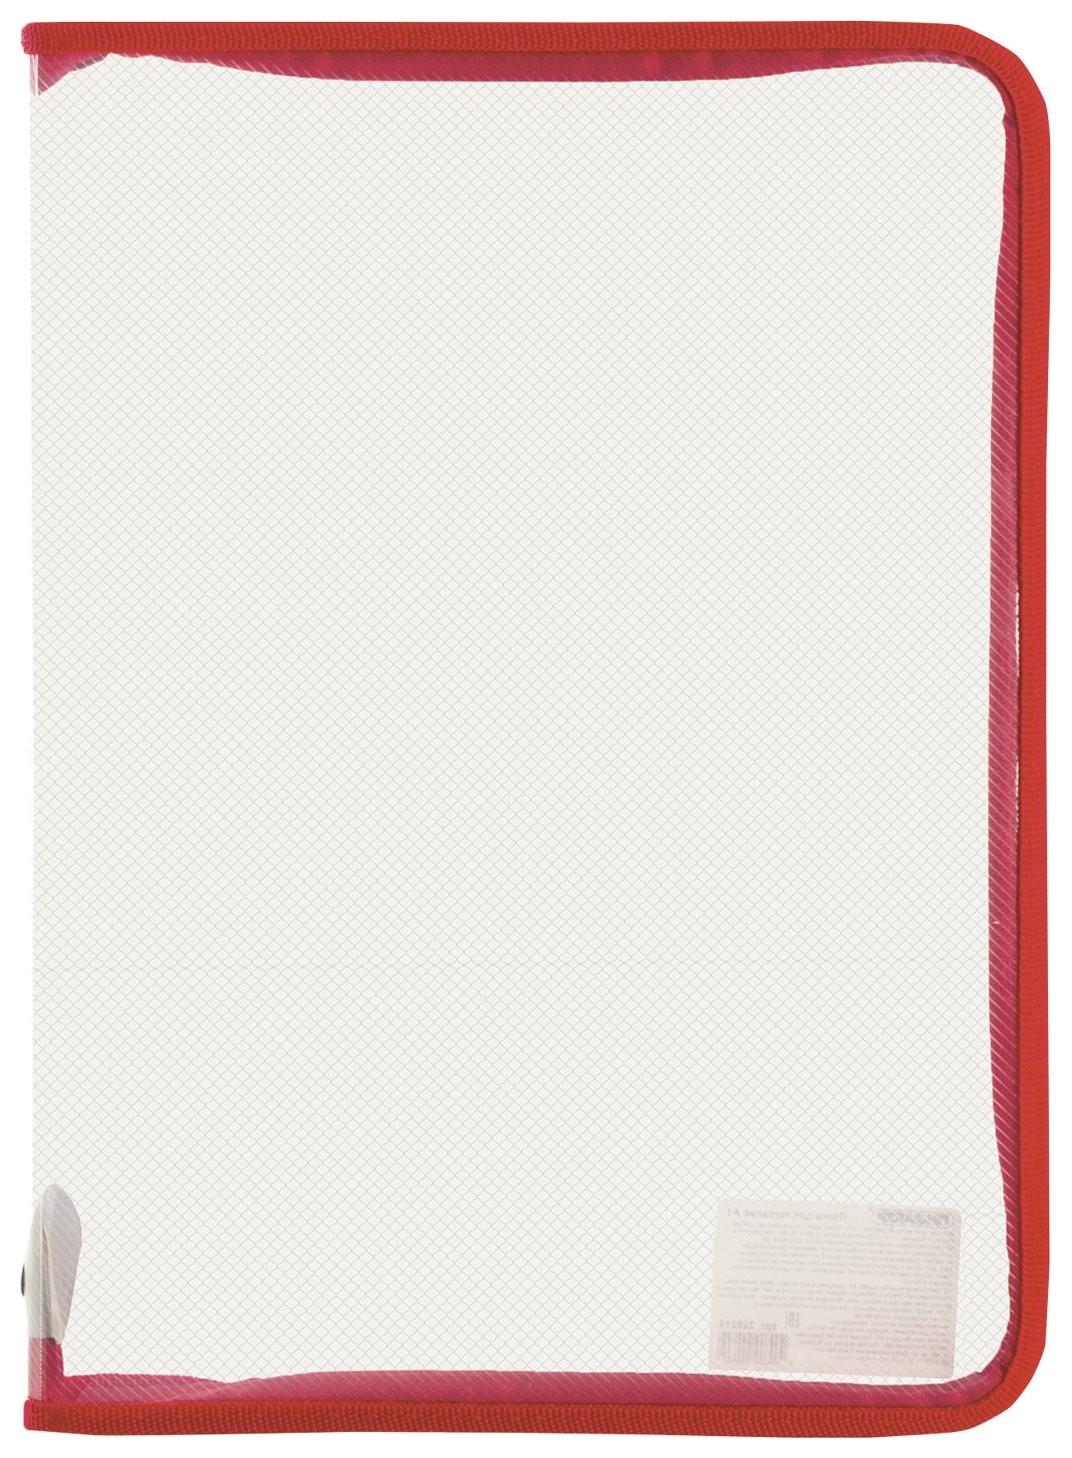 Папка для тетрадей а4 пластик, молния вокруг, прозрачная, красная  Пифагор